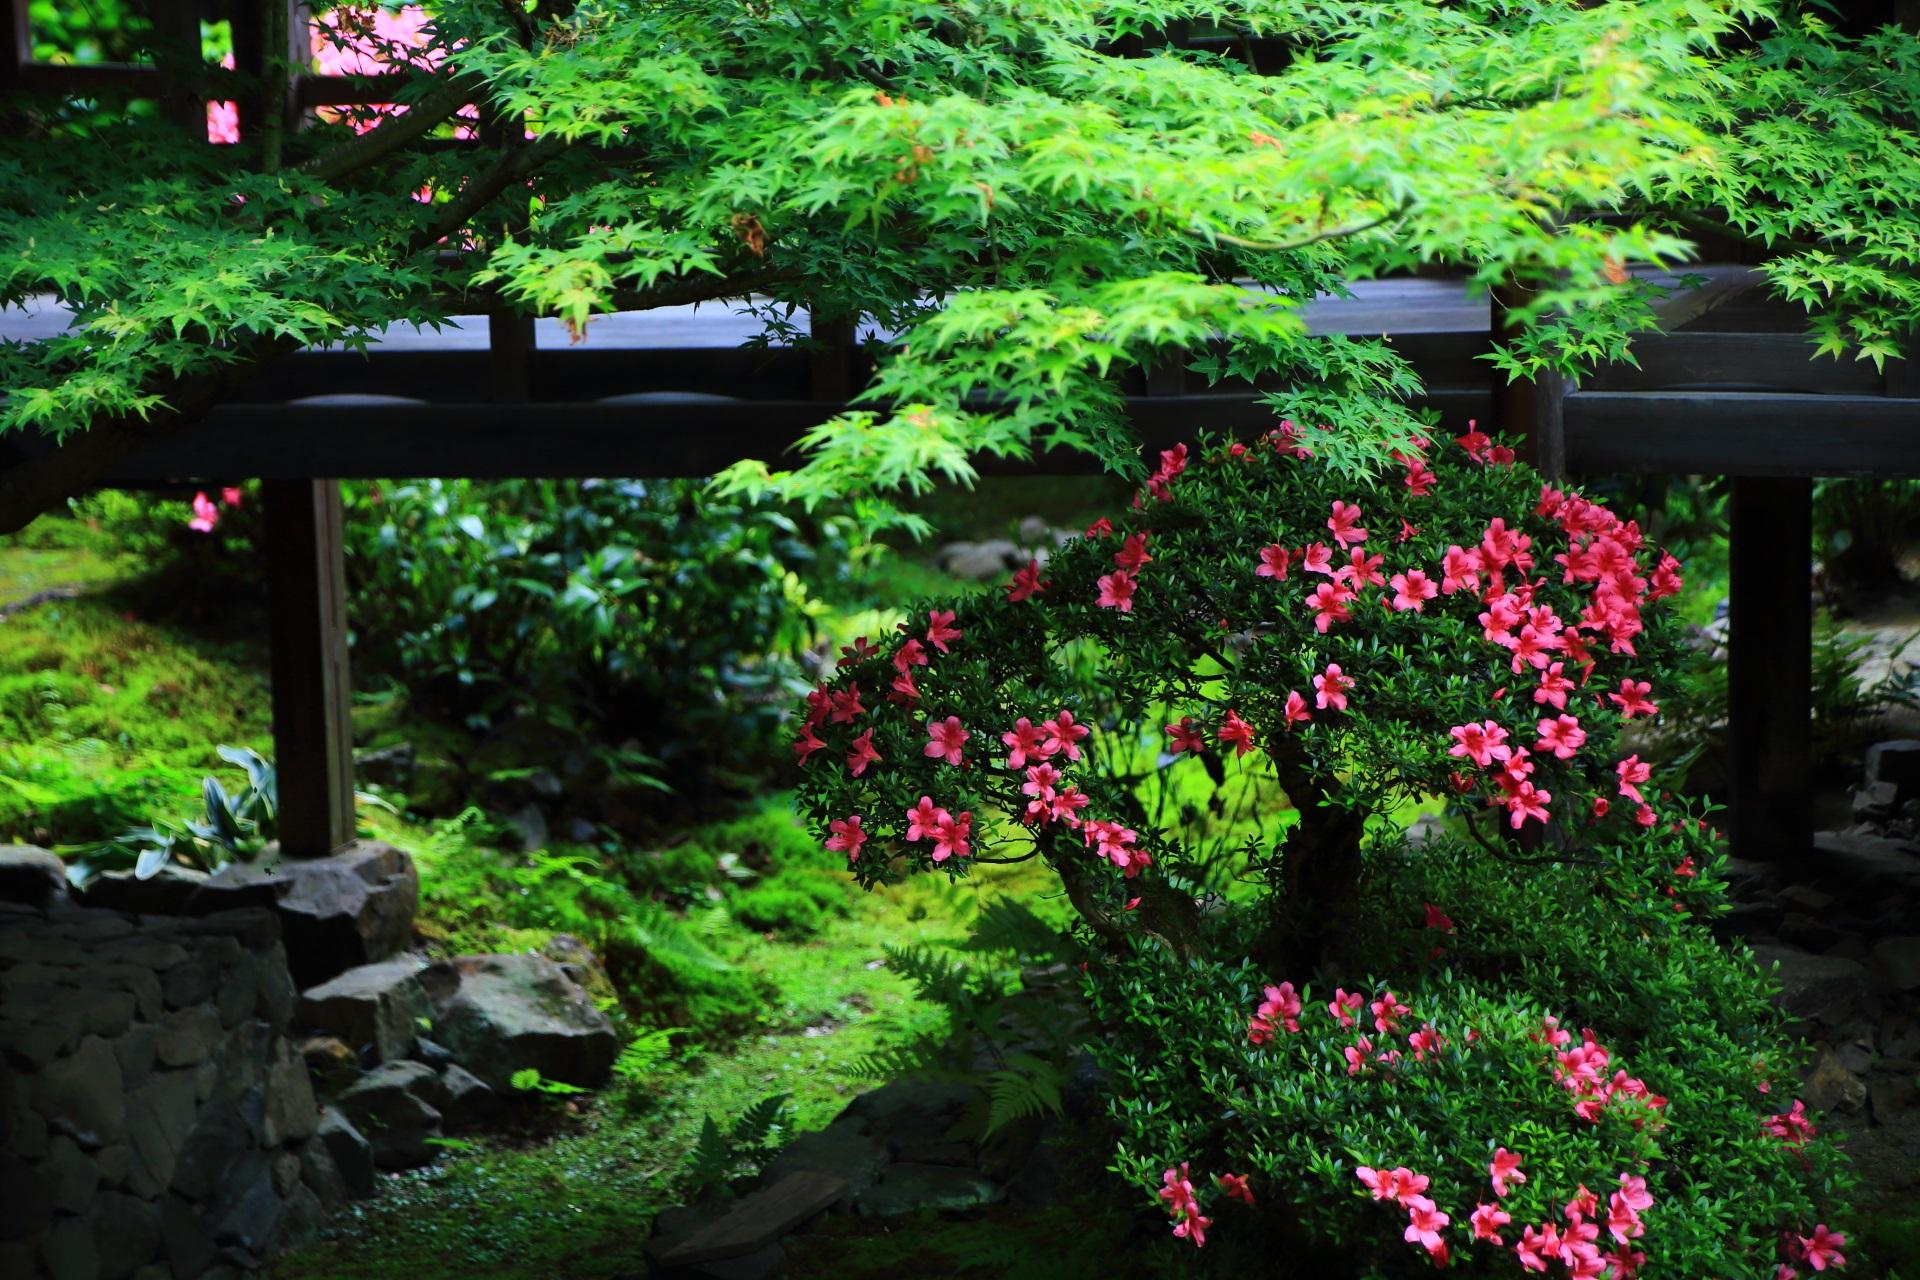 安楽寺の眩い青もみじや新緑とサツキの花